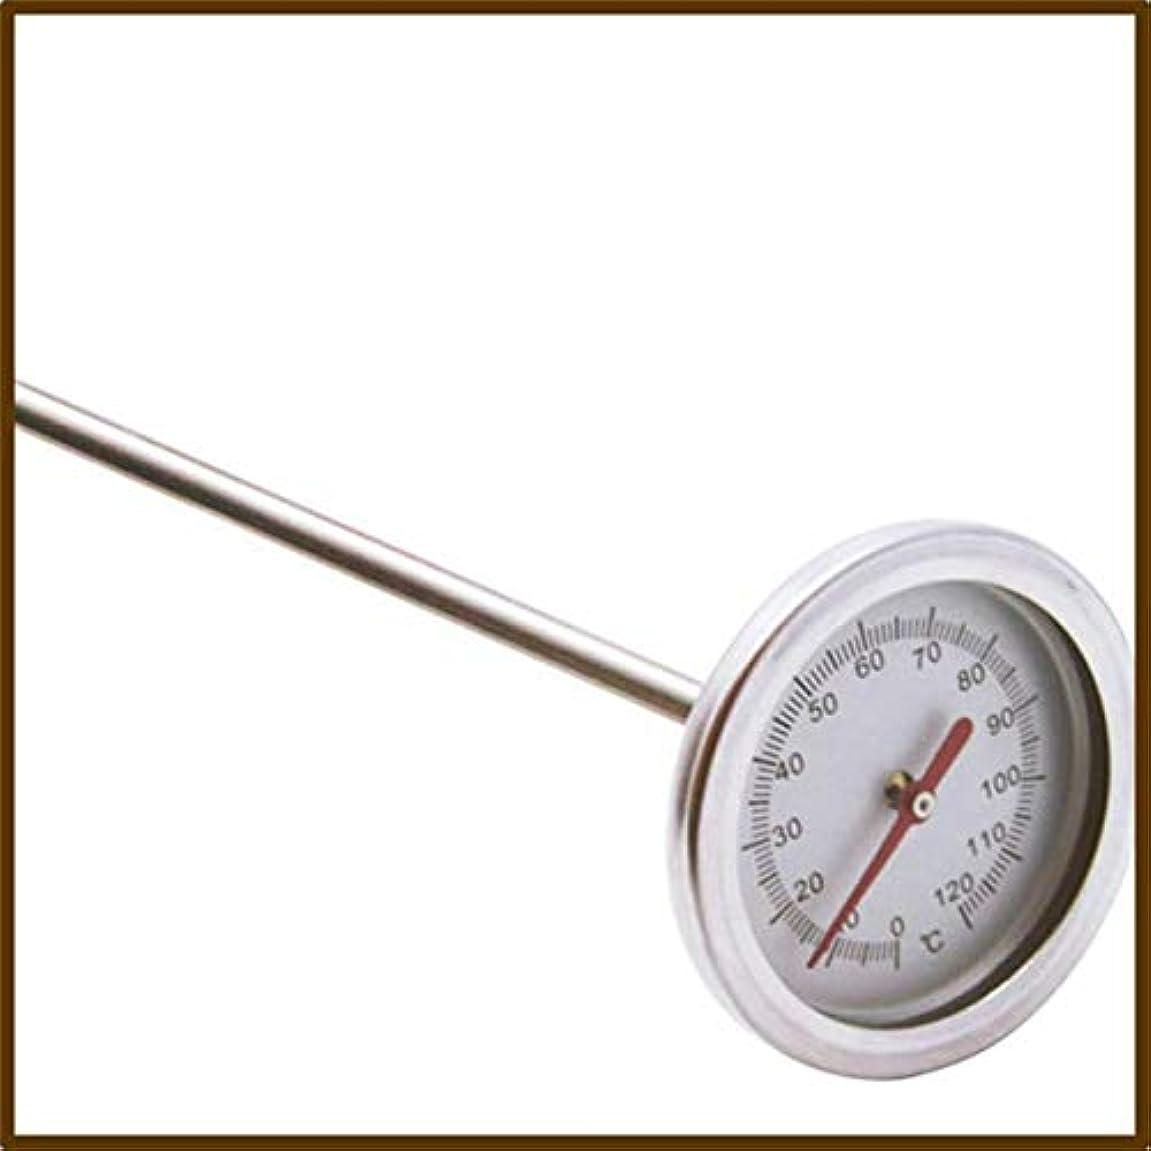 心配する生産性グラムSaikogoods 20インチ50cmの長さ 0℃-120℃ 堆肥の土壌温度計 プローブ検出器の測定プレミアム食品グレードステンレススチール メタル 銀